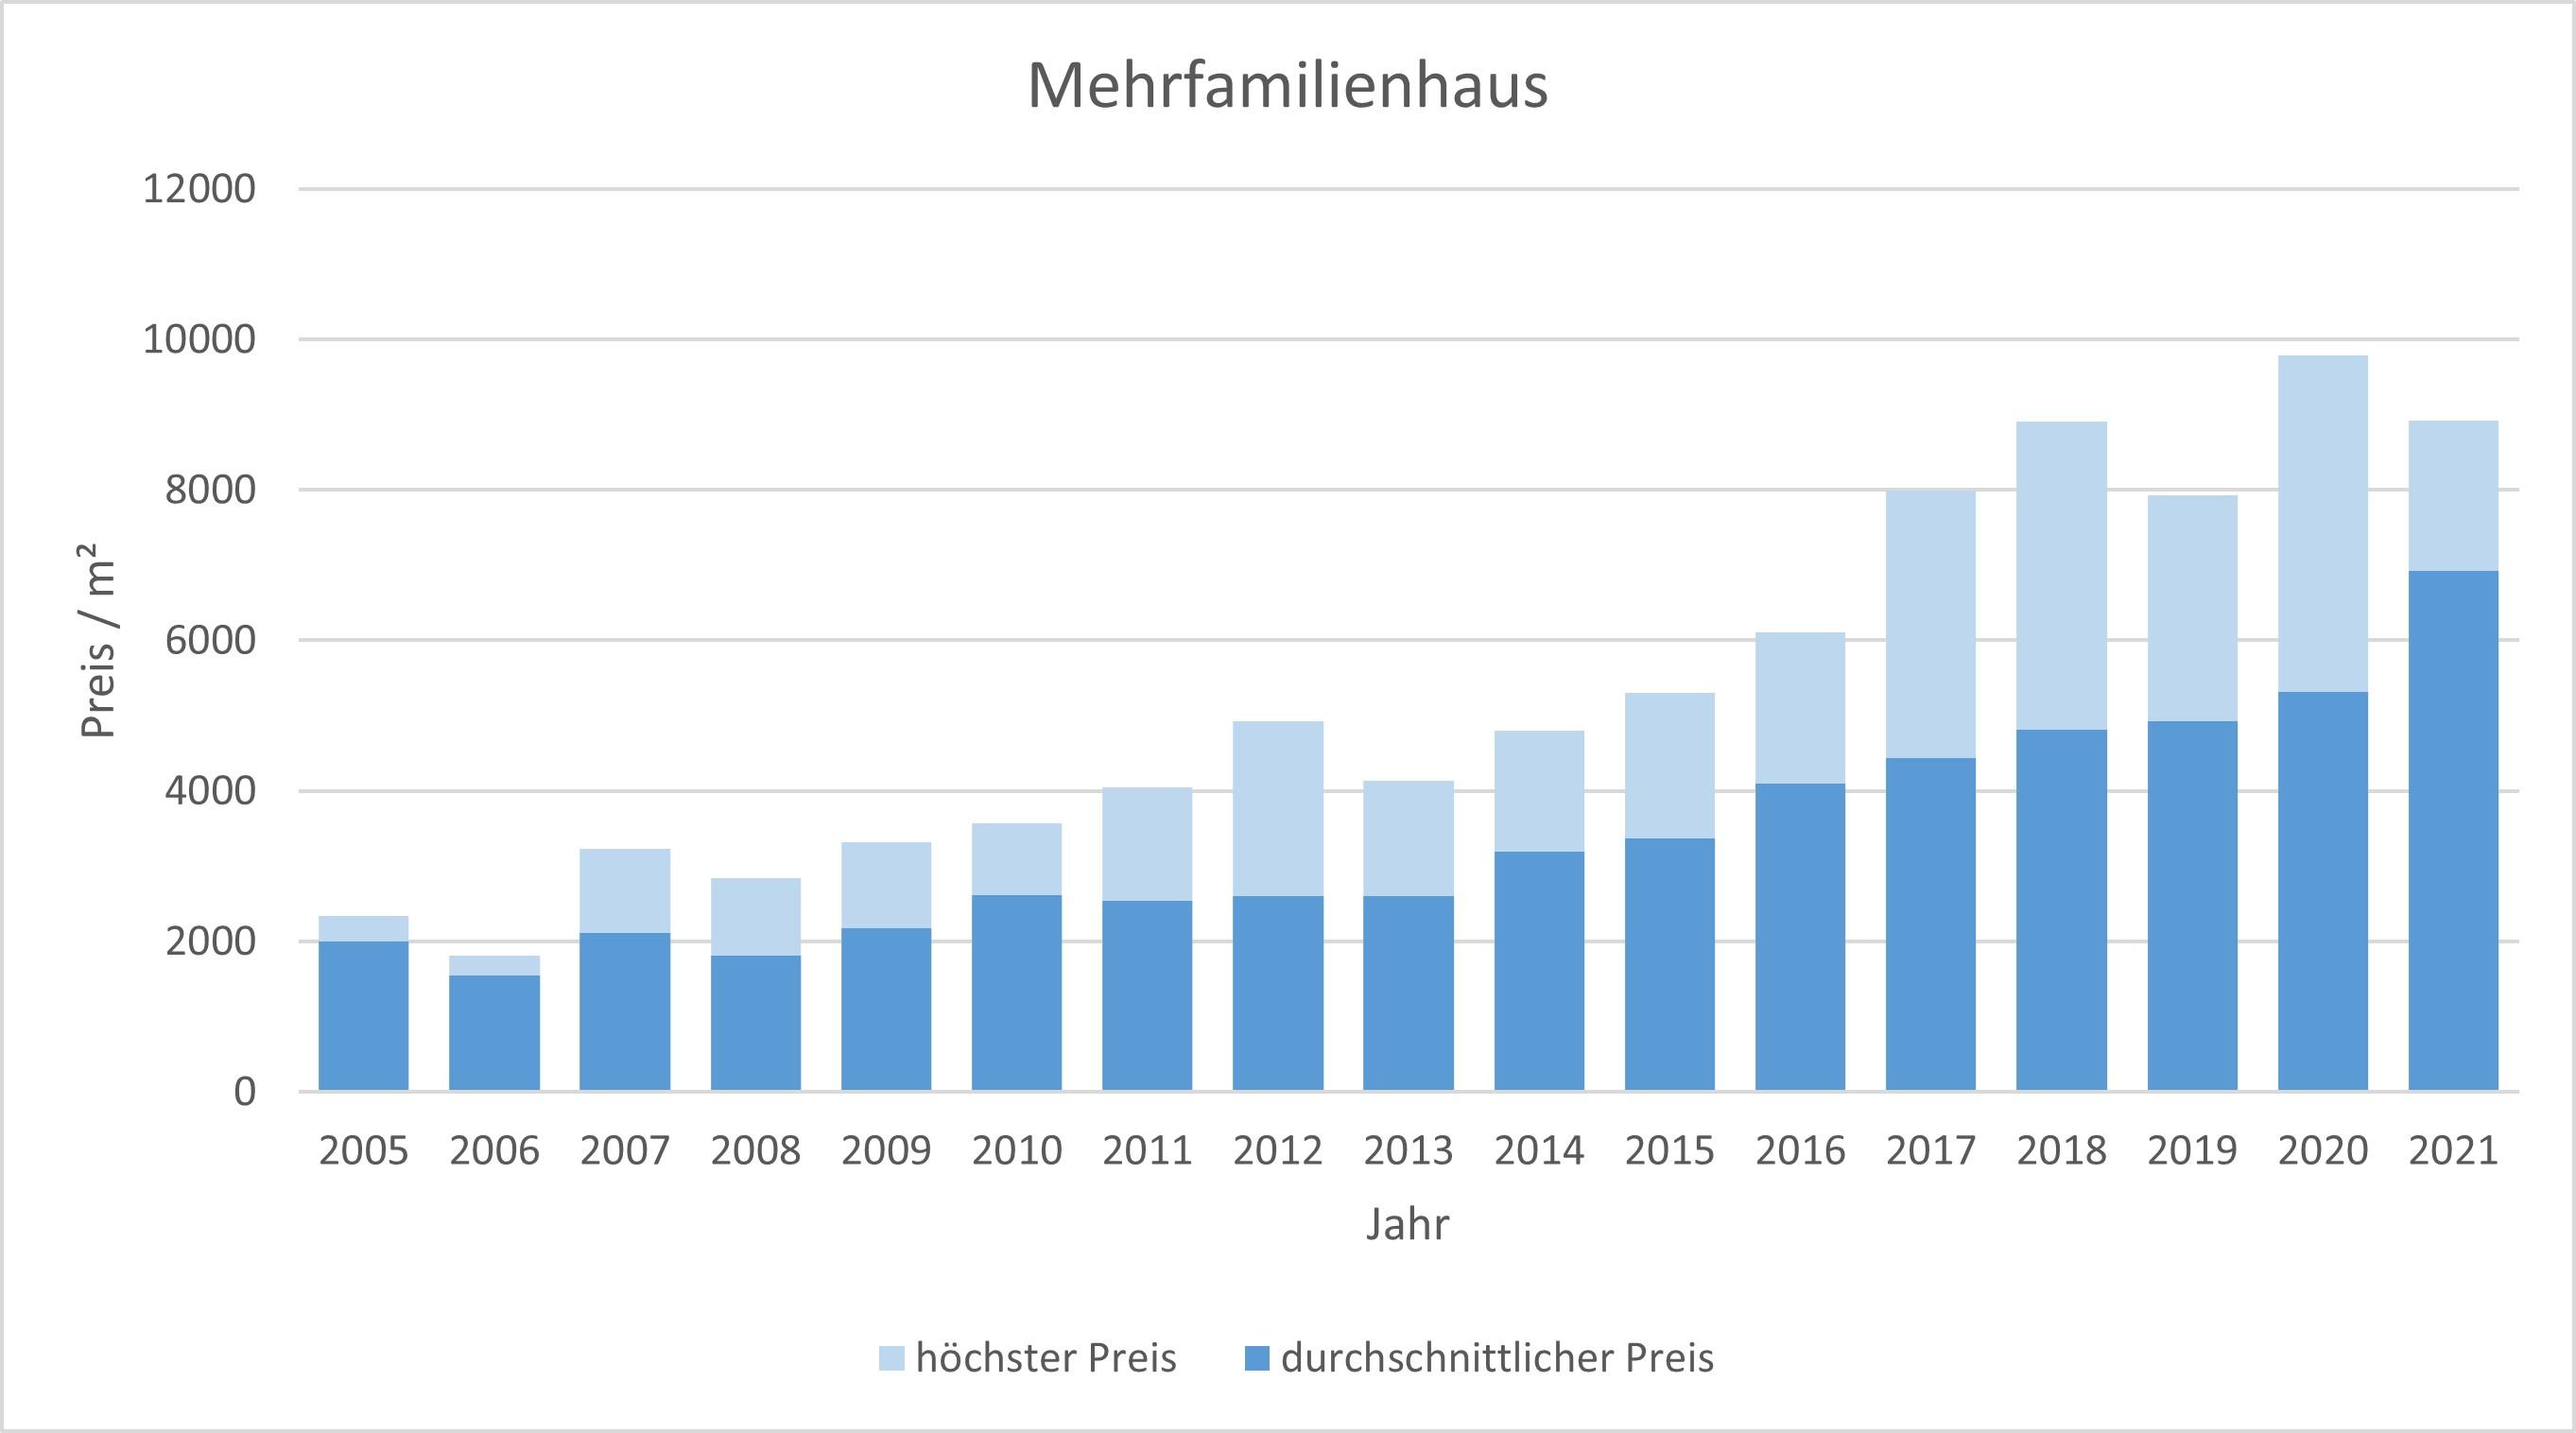 Fürstenfeldbruck mehrfamilienhaus kaufen verkaufen Preis Bewertung 2019 2020 2021  Makler www.happy-immo.de